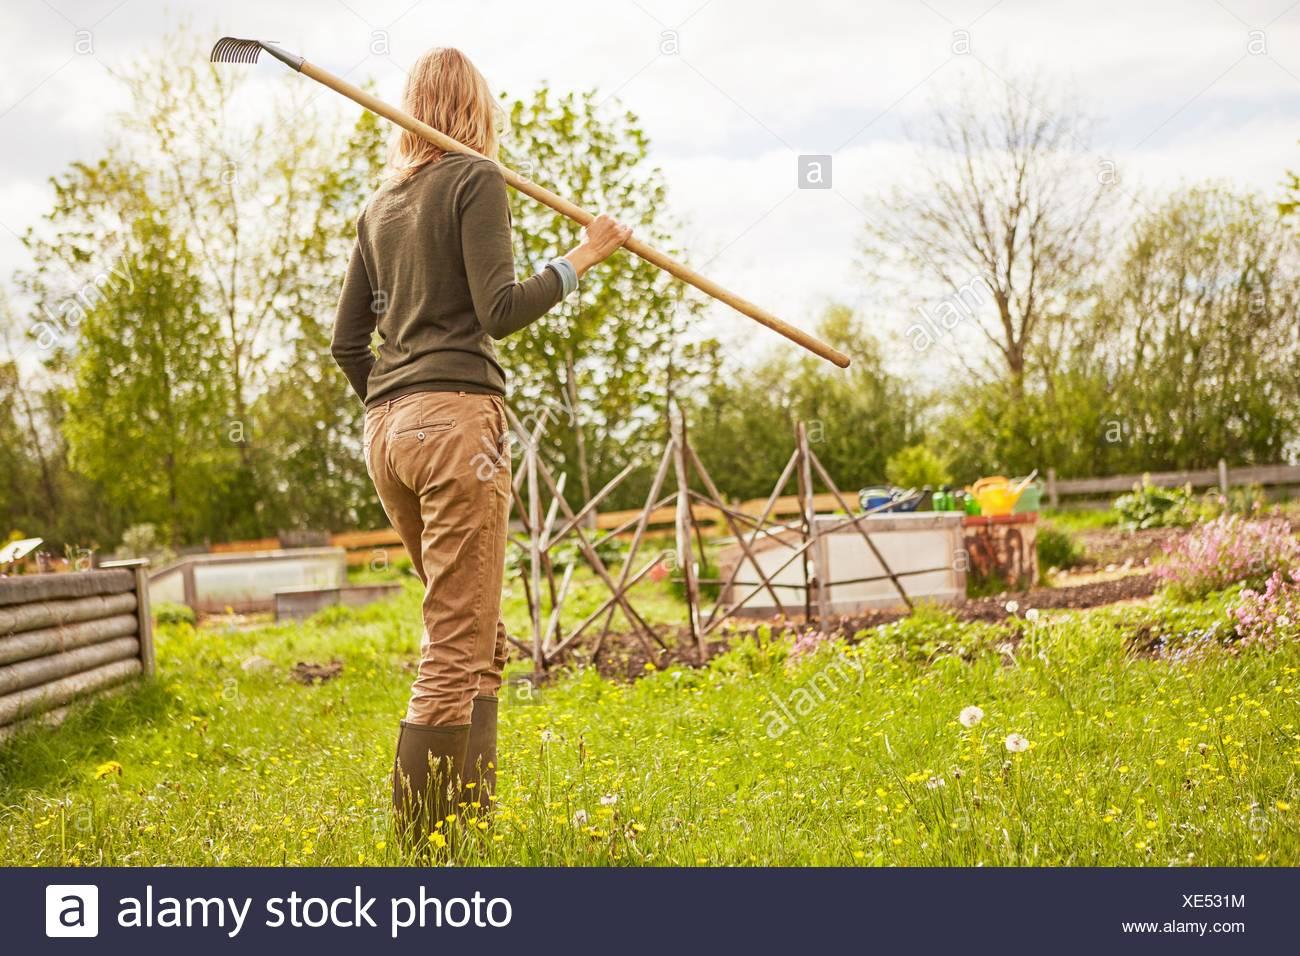 Donna matura, all'aperto, giardinaggio, portando rastrello, vista posteriore Immagini Stock